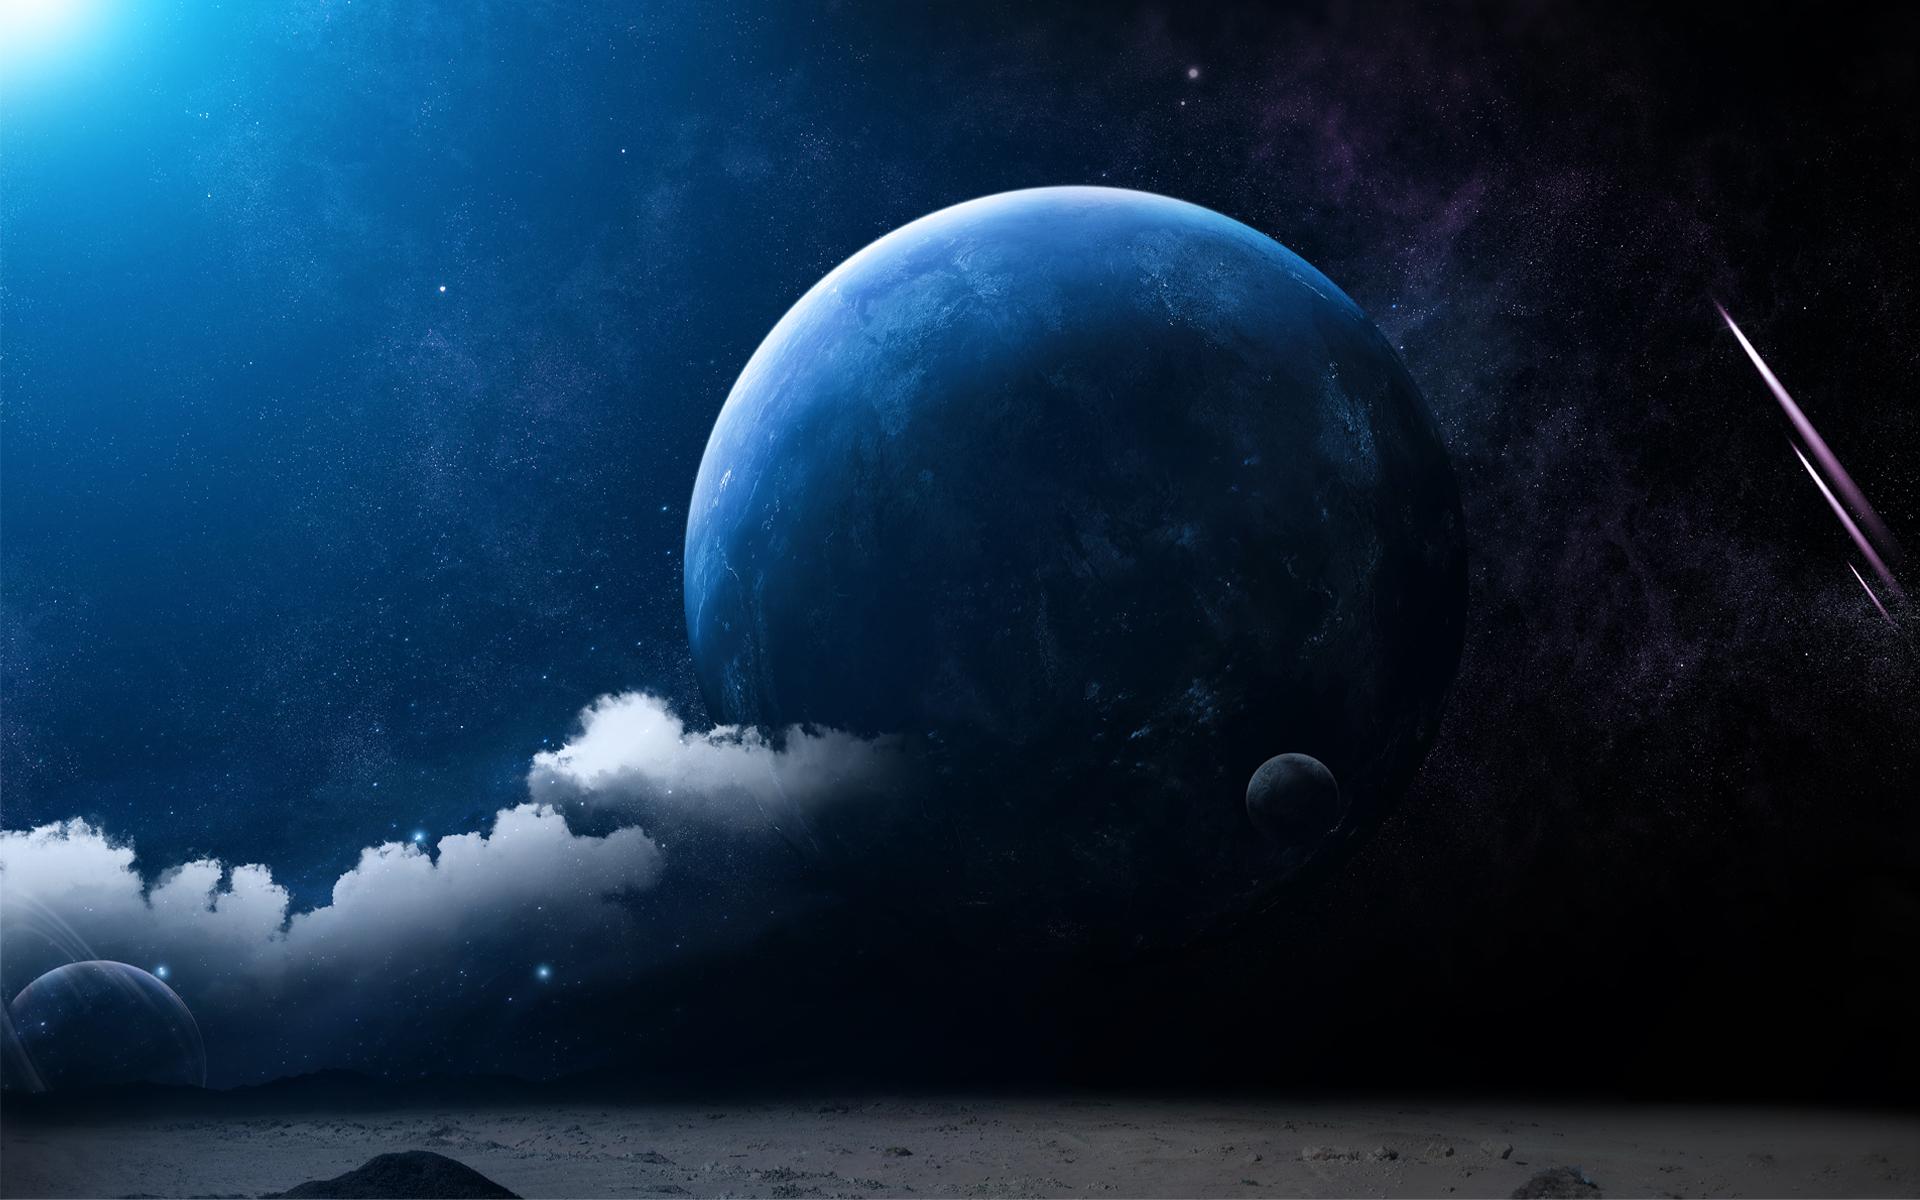 Картинки красивой луны в космосе